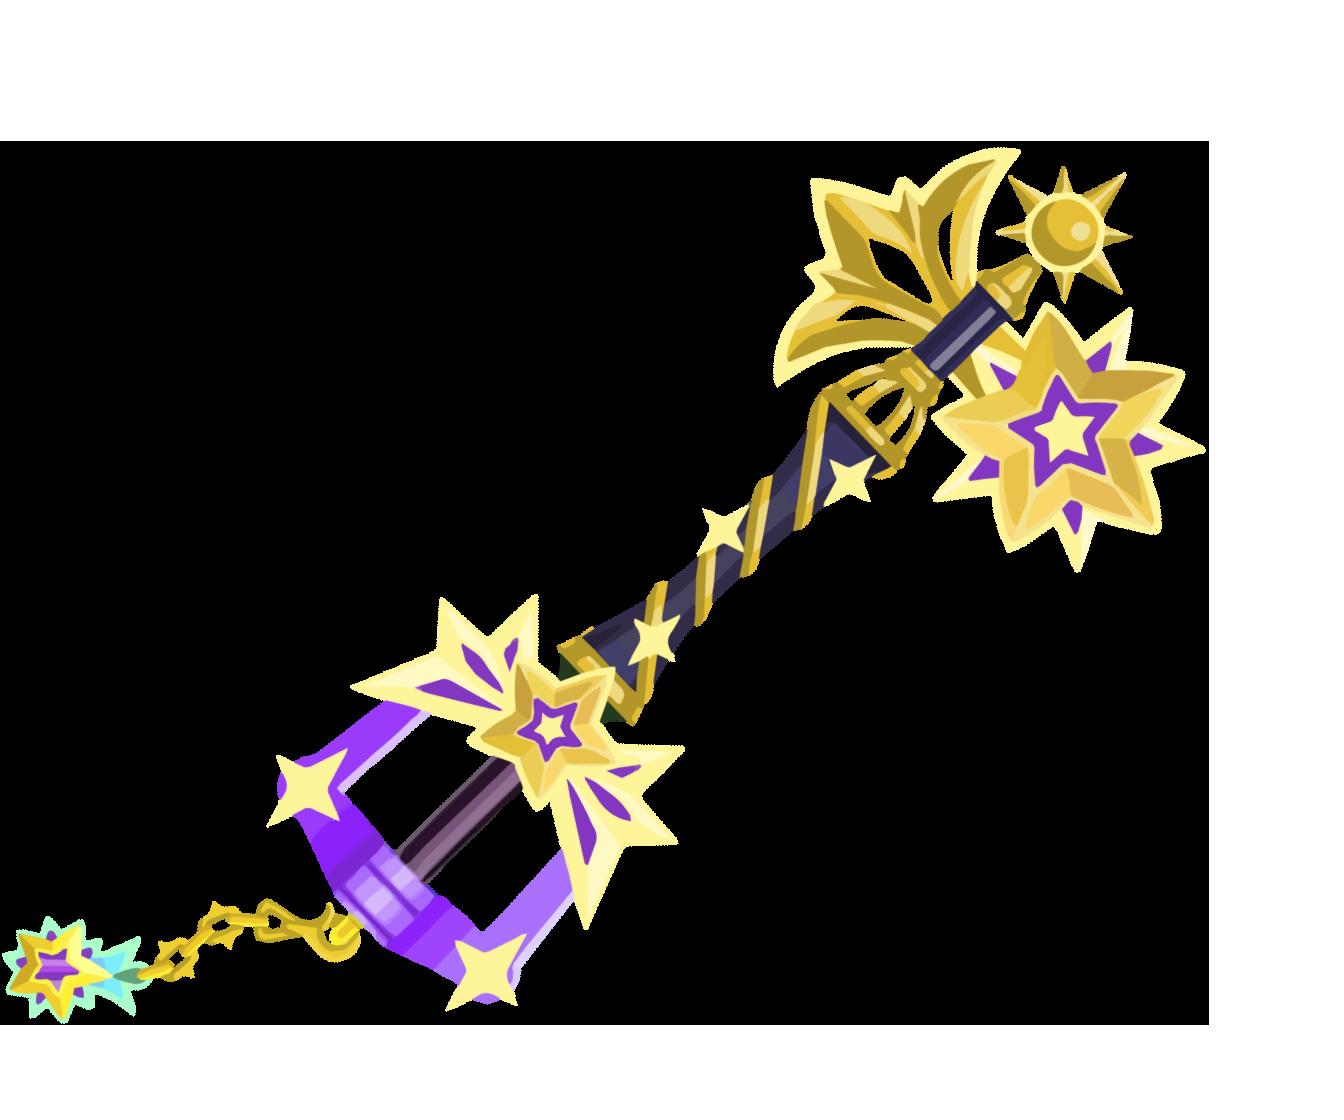 Keyblades Lv + Starlight_%28Upgrade_4%29_KHX